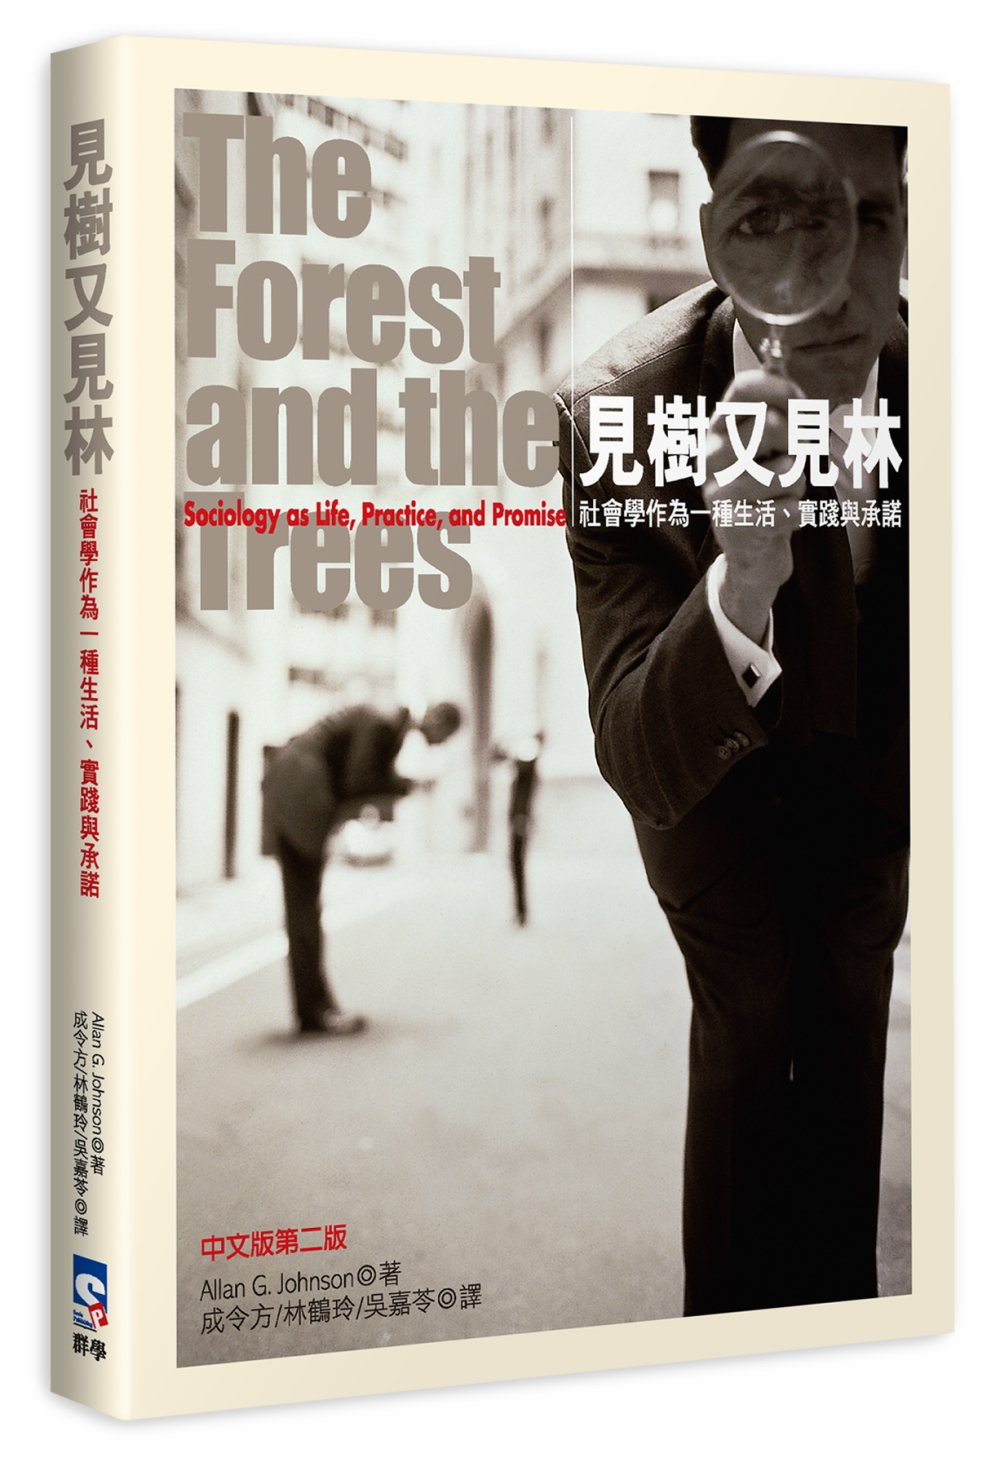 見樹又見林:社會學作為一種生活.實踐與承諾